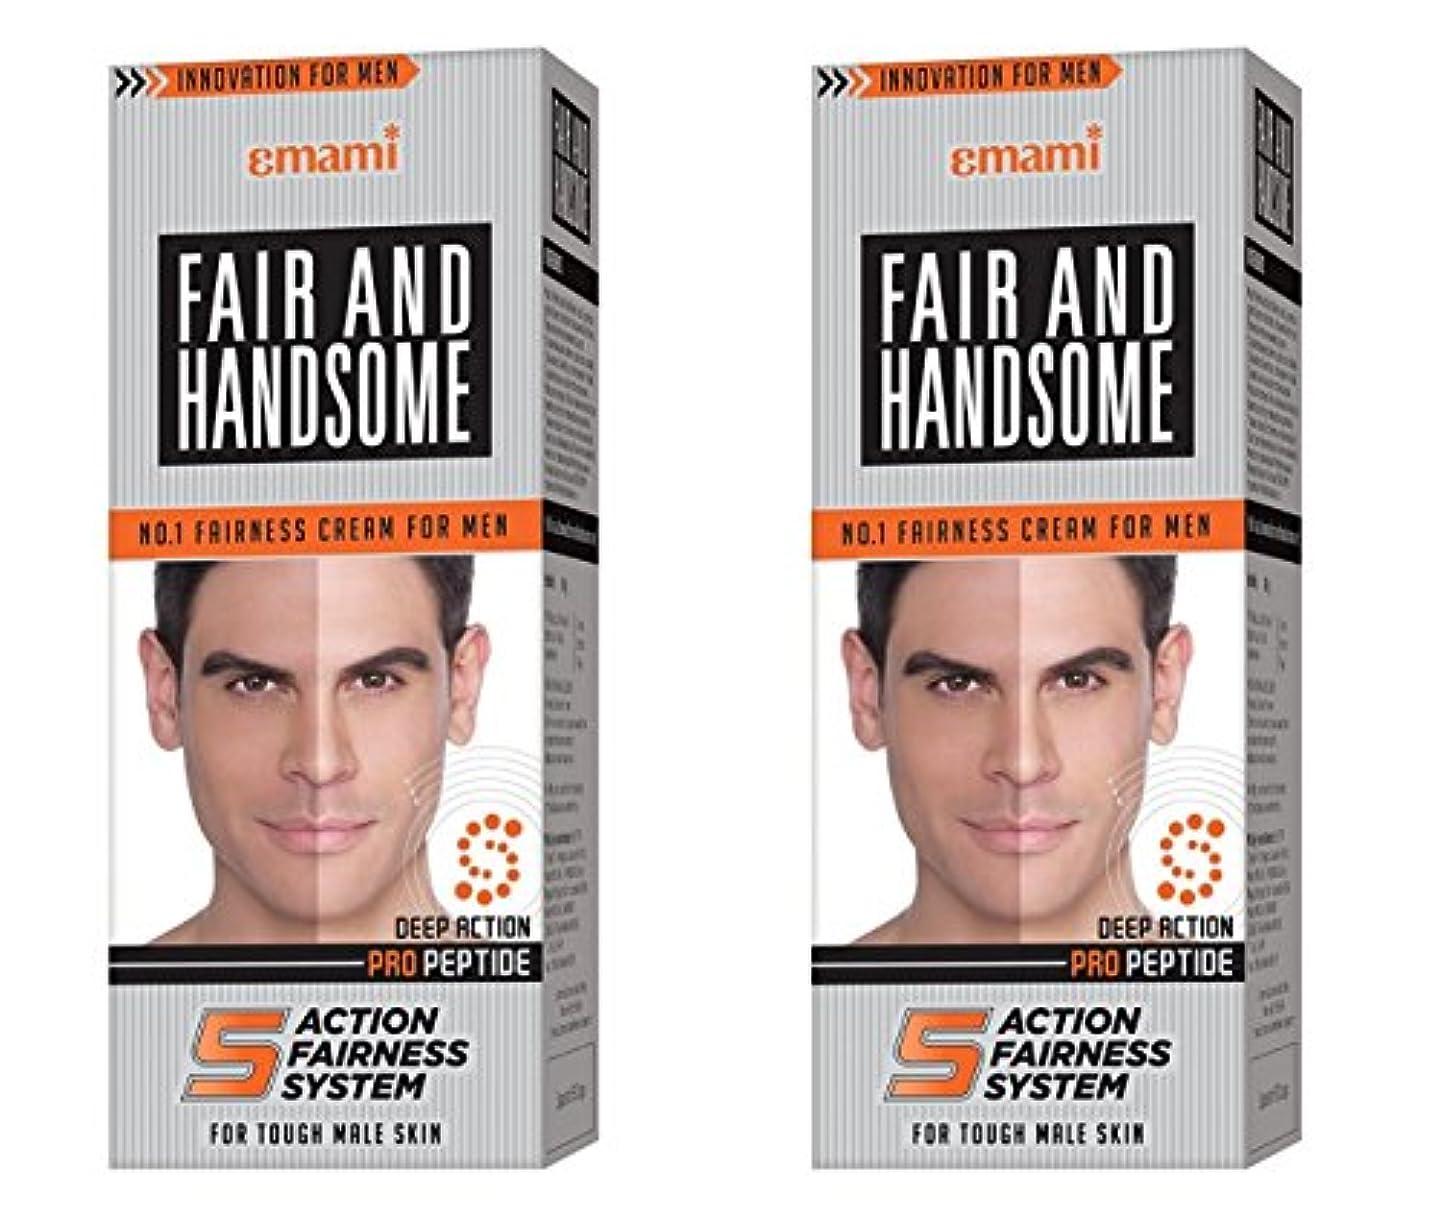 偉業ボーダーシリアルFair and Handsome Fairness Cream for Men, 60gm (Pack of 2)